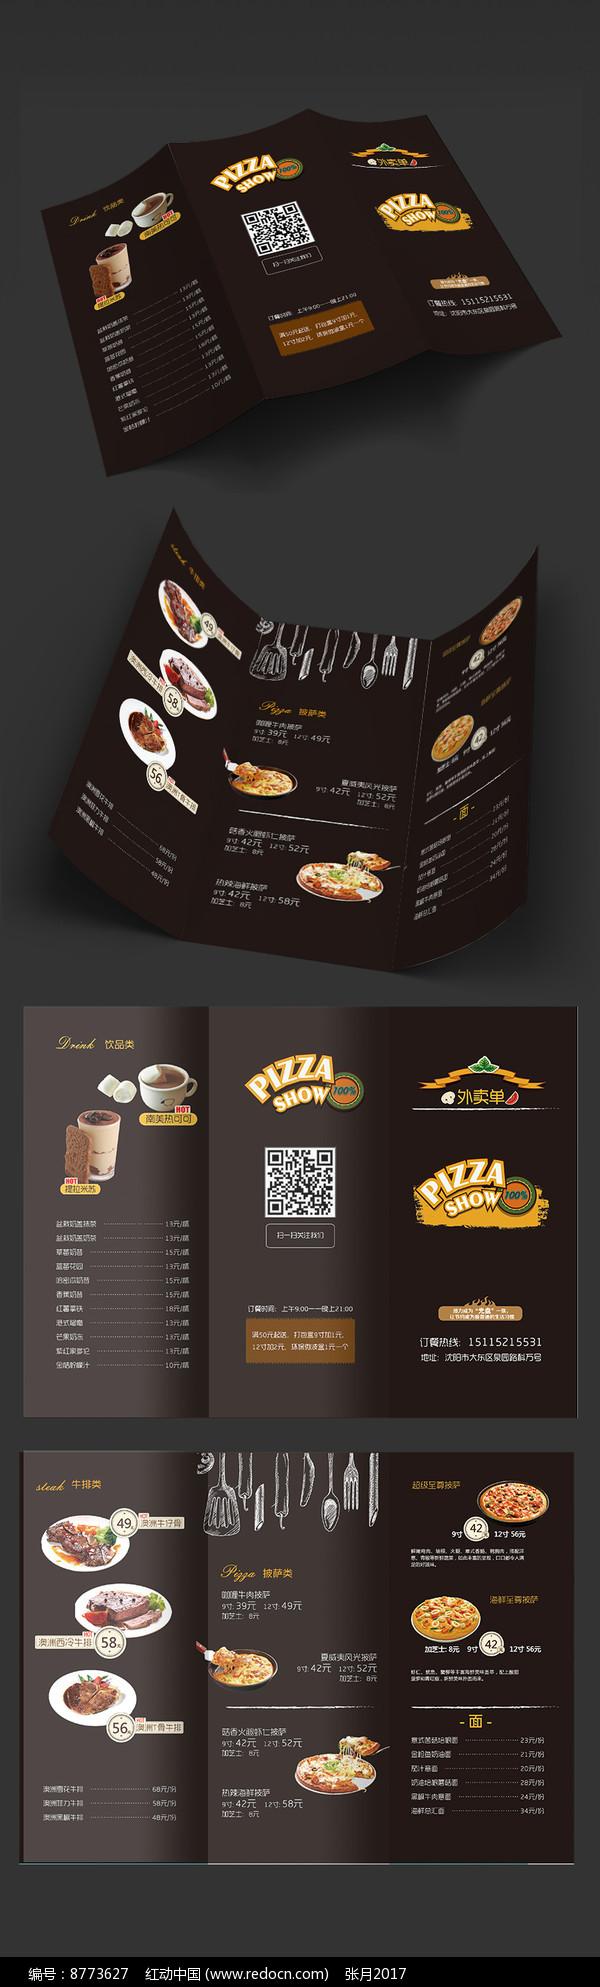 高端西餐菜單三折頁圖片圖片